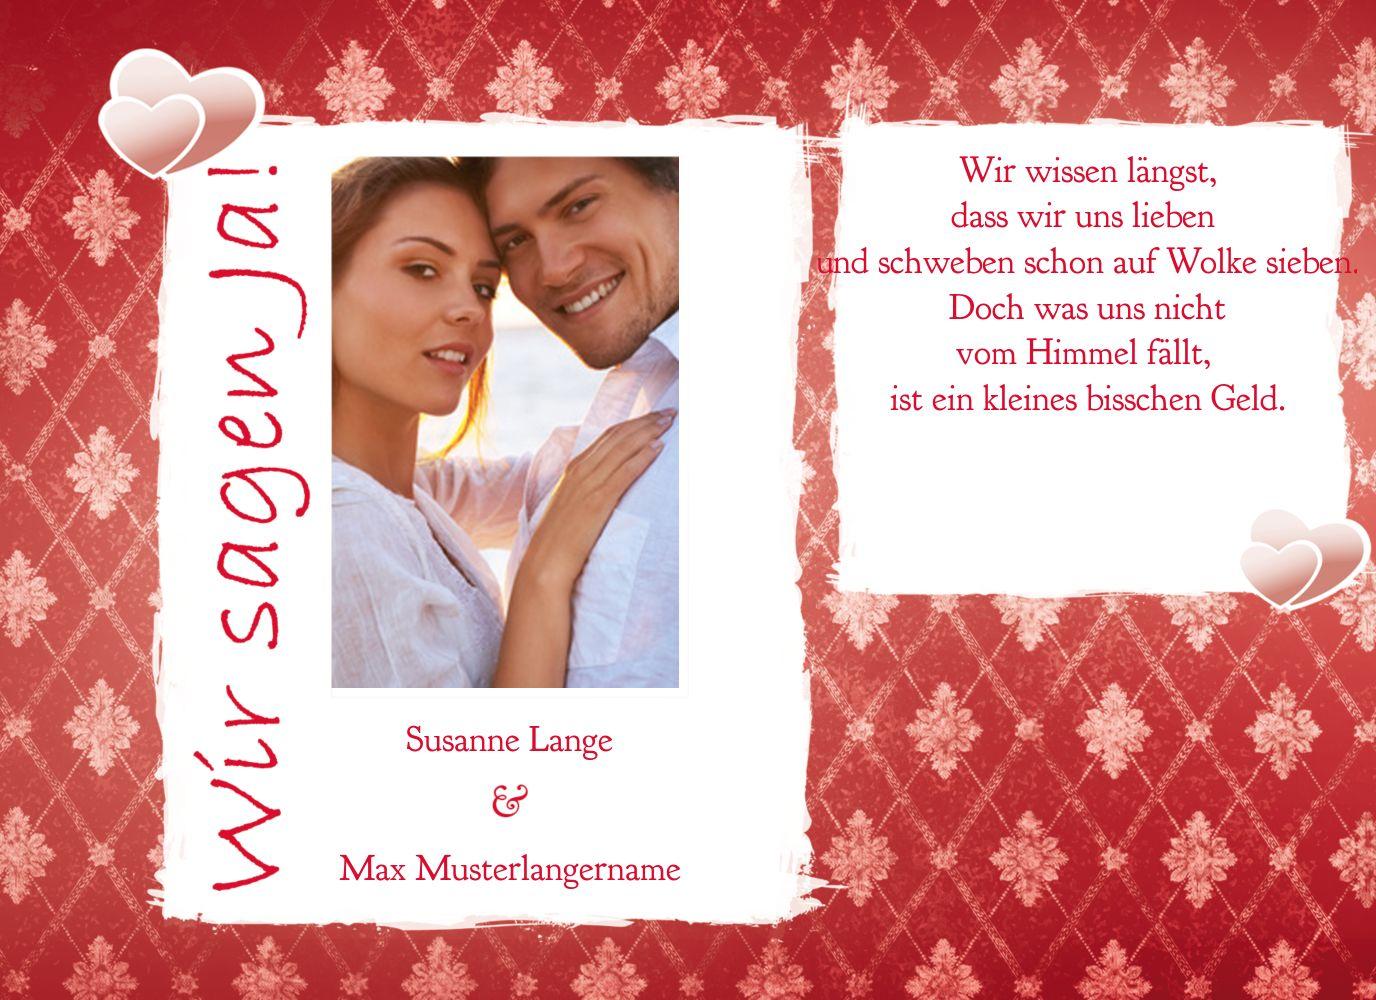 Ansicht 4 - Hochzeit Einladung 3 Liebesbündnis